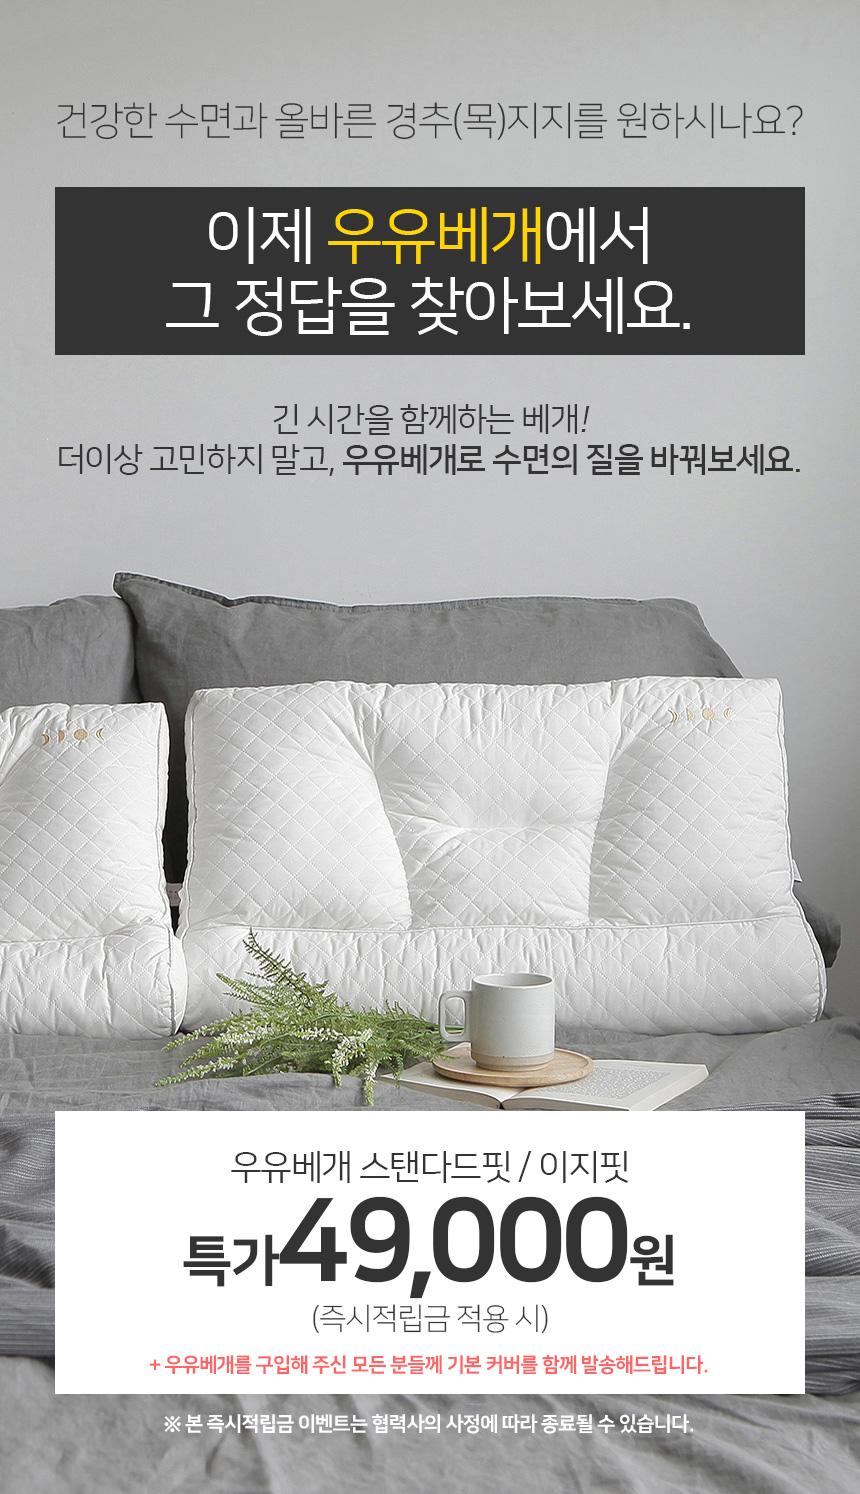 0204_우유배개_상단_01.jpg